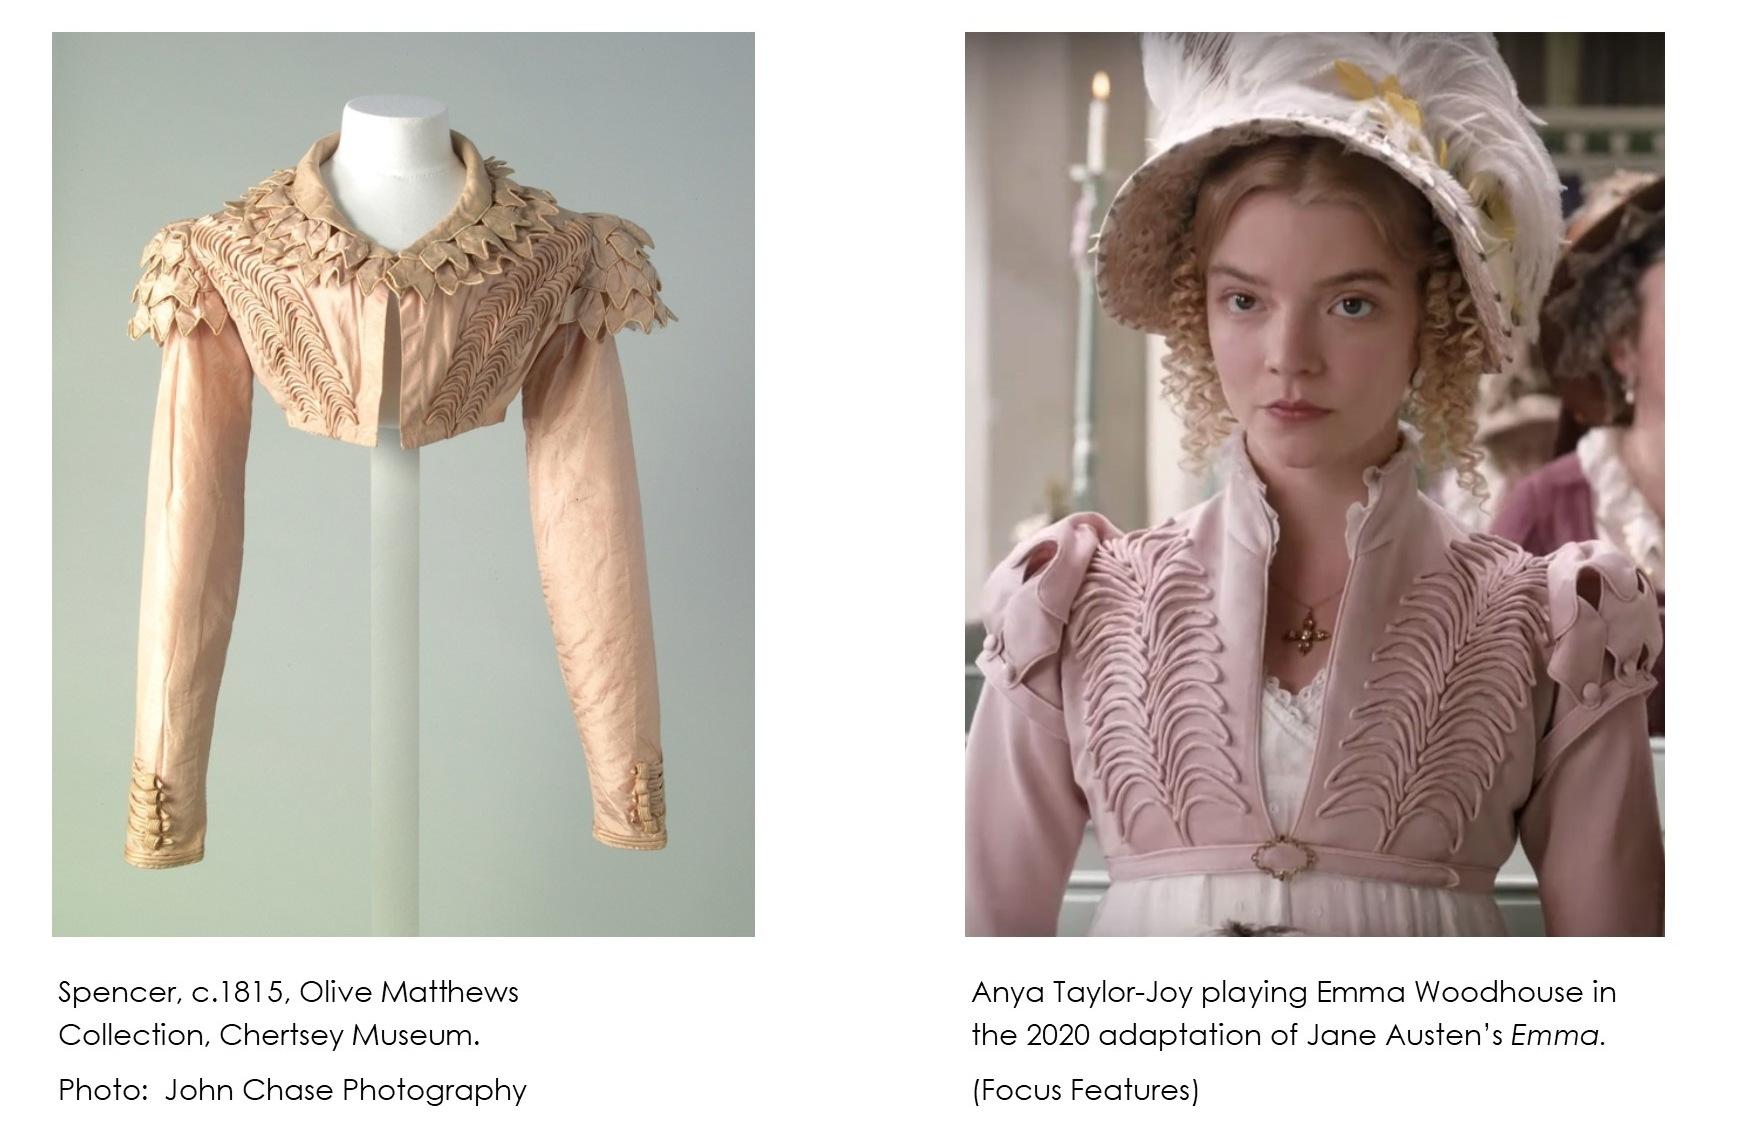 """Bộ váy trong phim đoạt giải """"Trang phục đẹp nhất Oscar"""" bất ngờ gây tranh cãi - 10"""